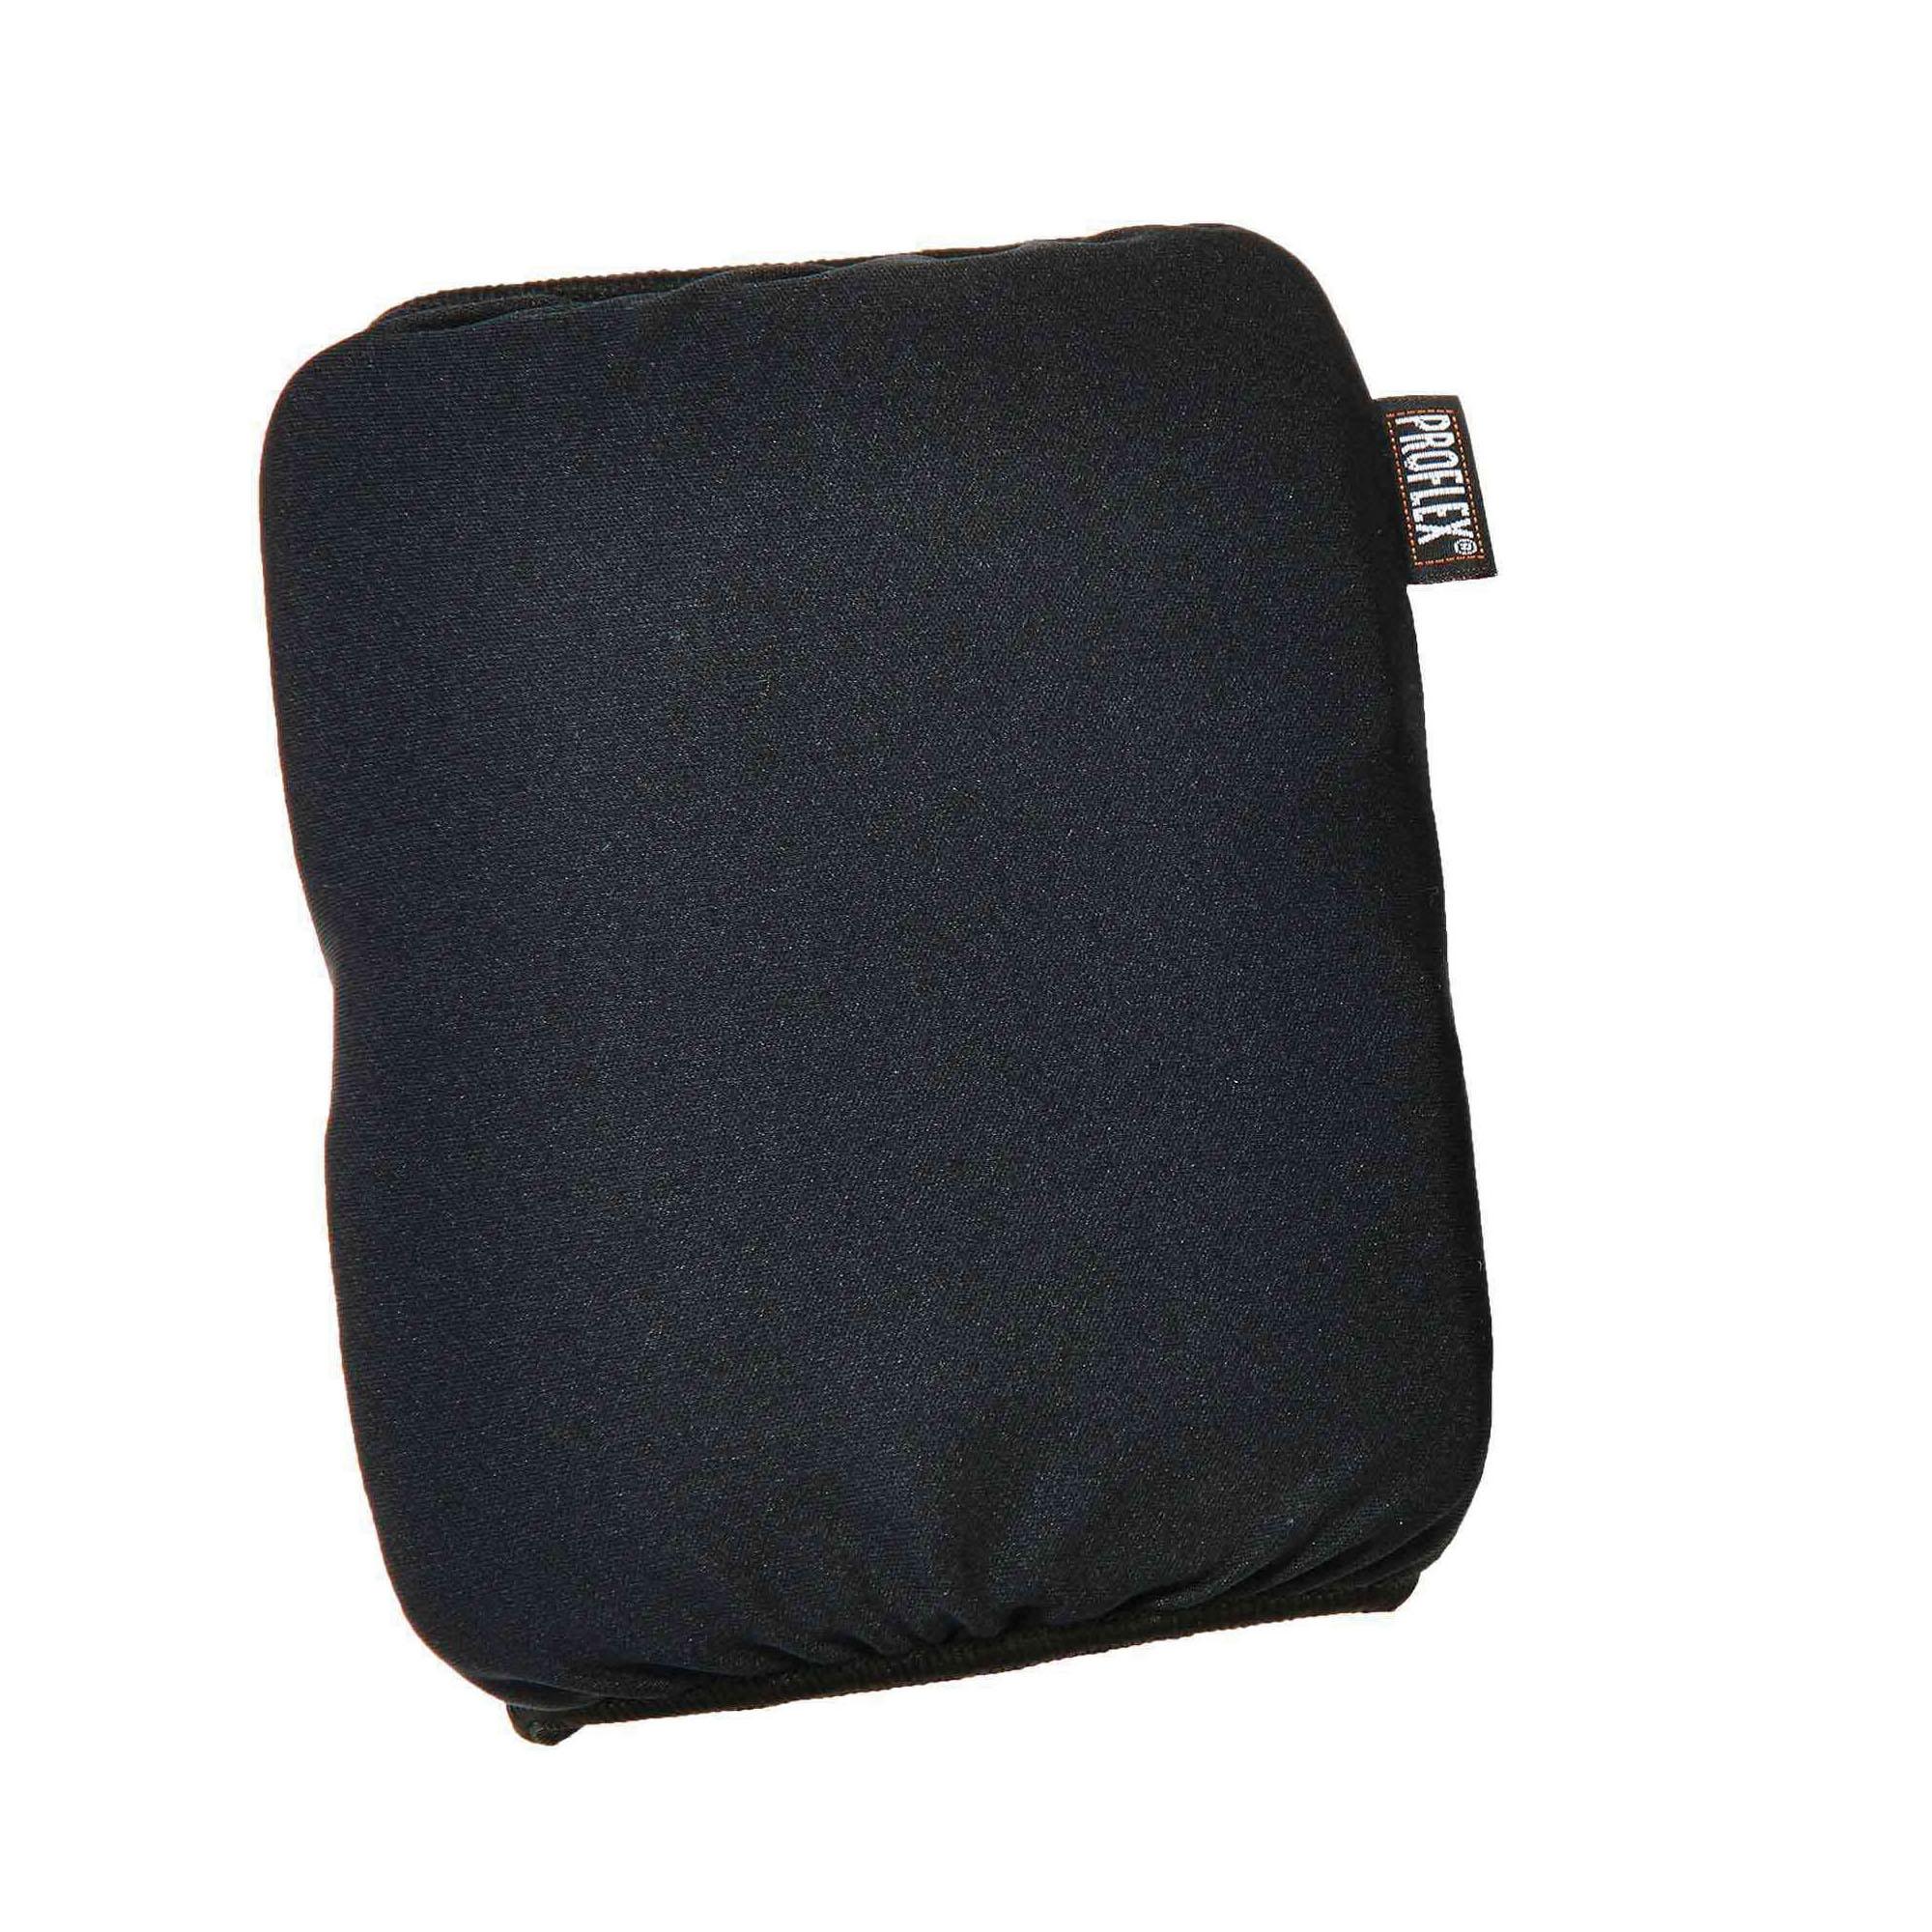 ProFlex® 18260 Slip-On Soft Knee Pads, Cloth/Foam Pad, Black